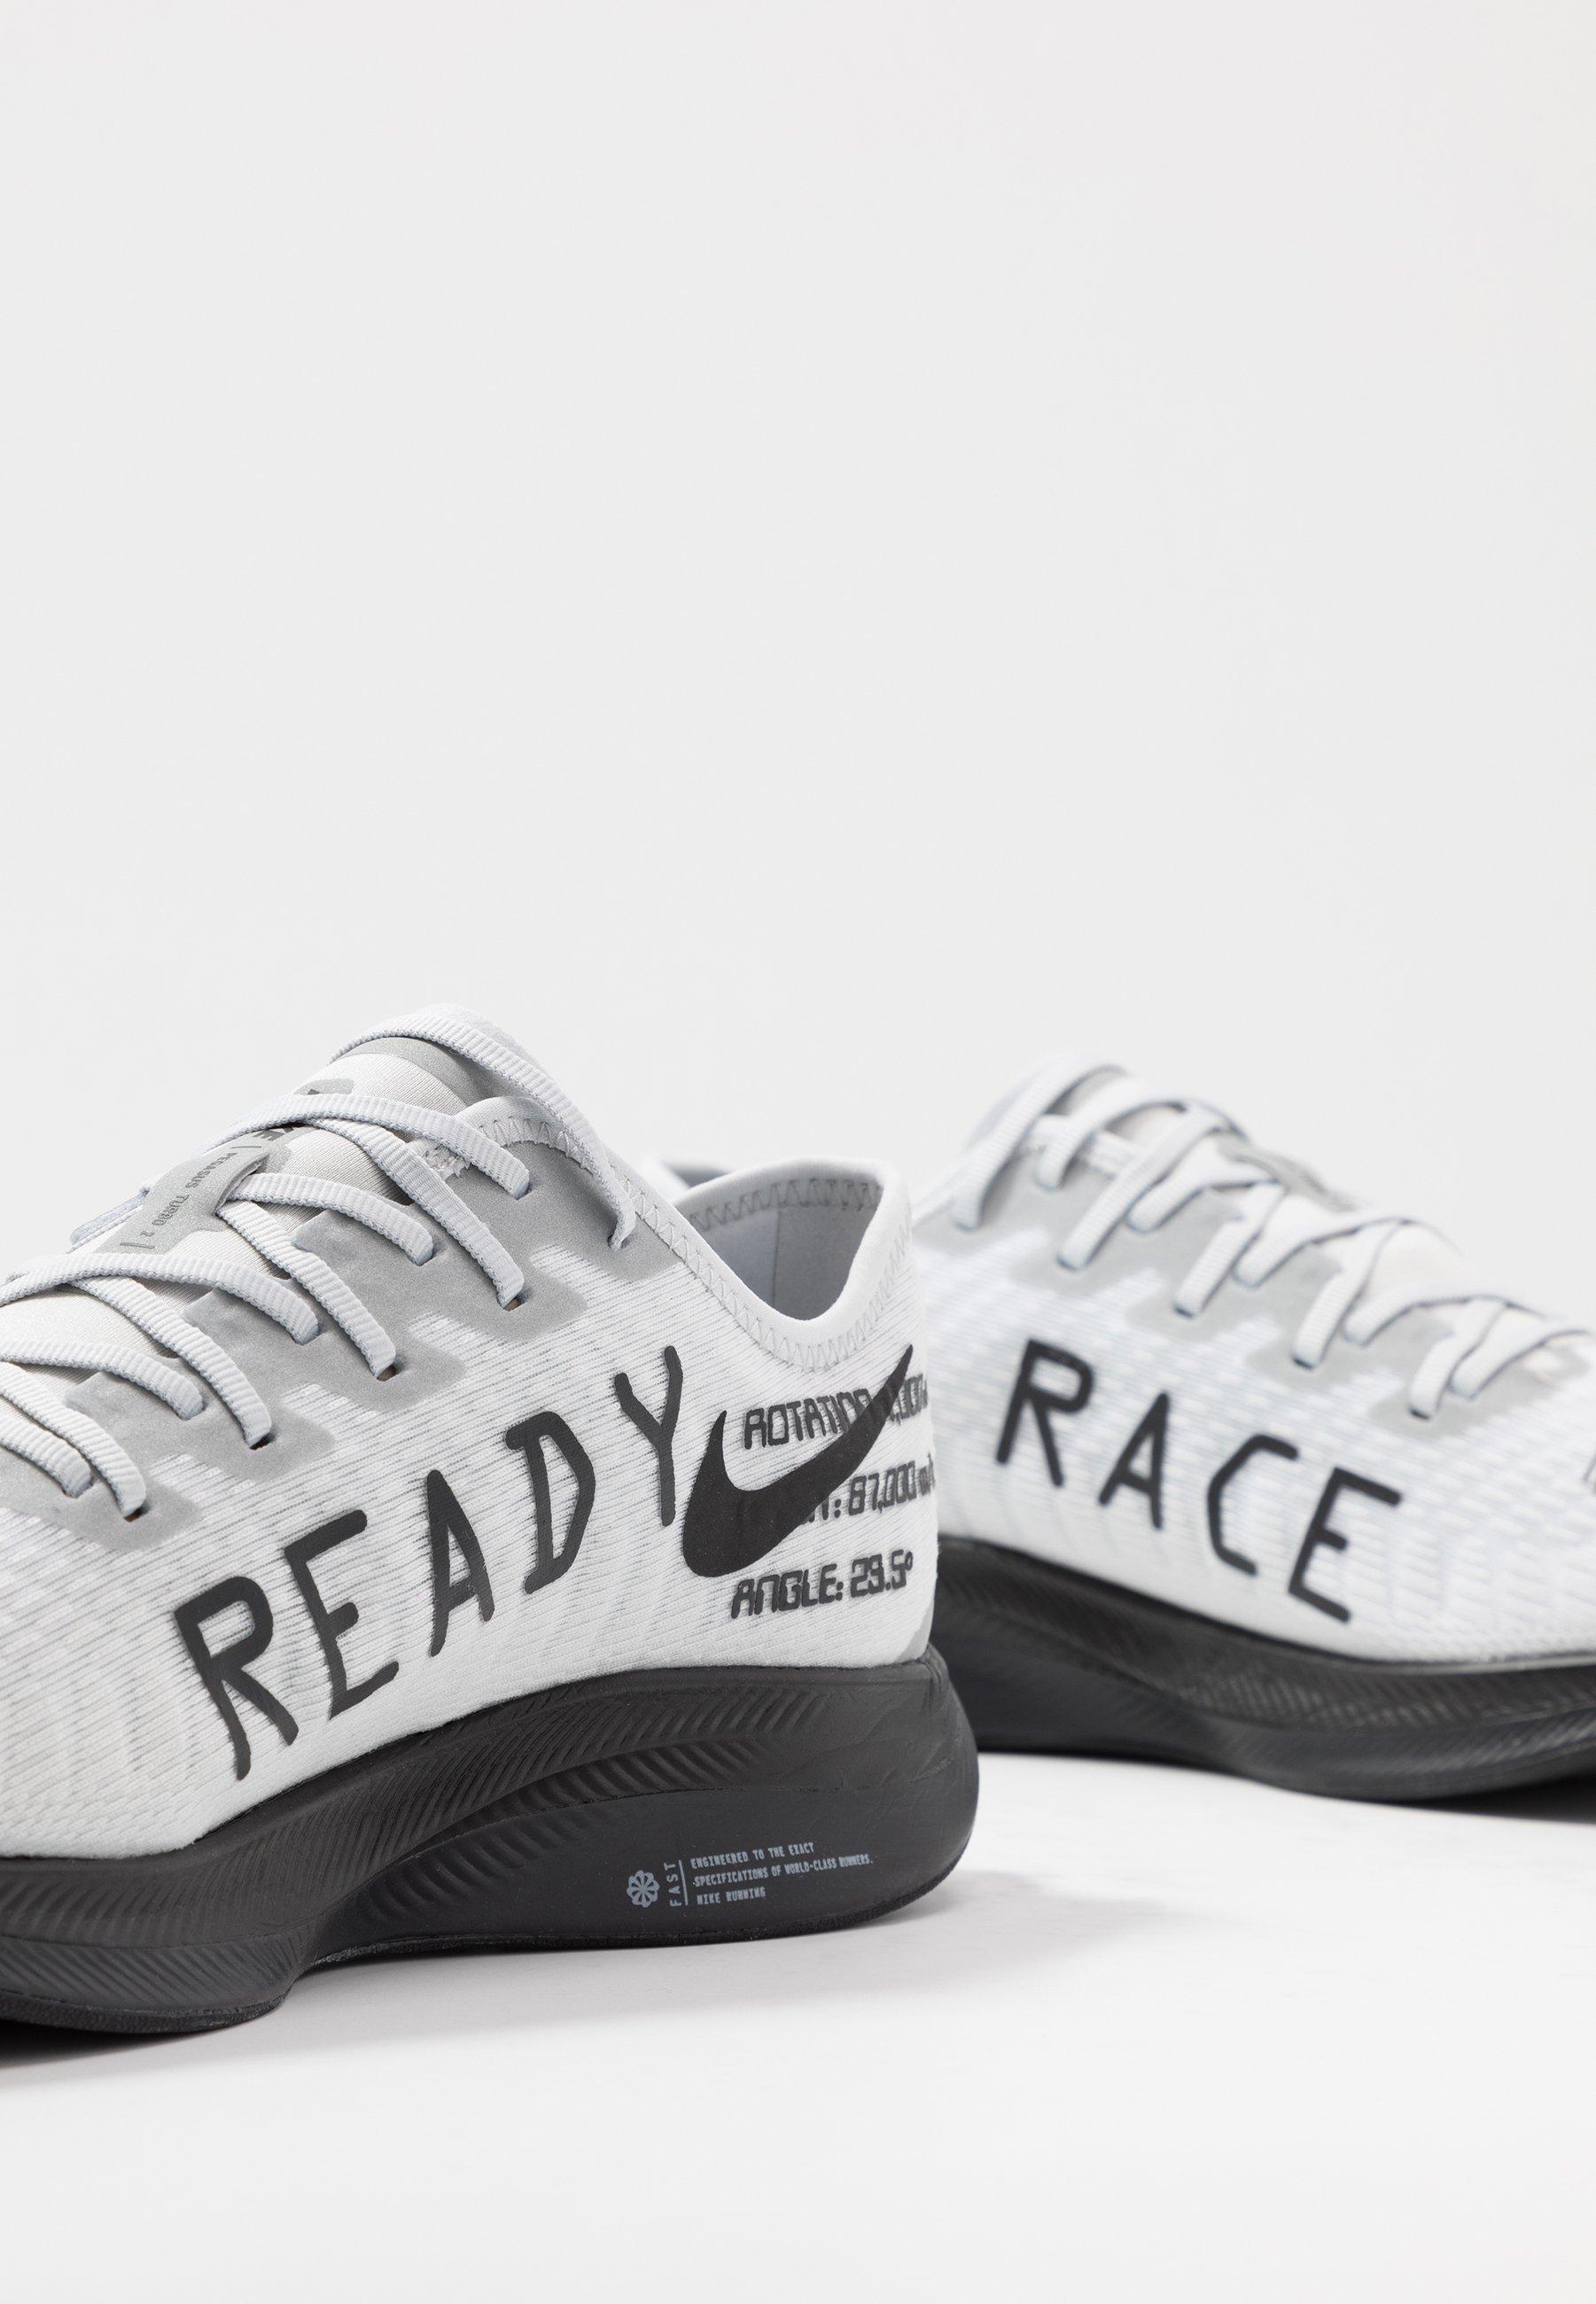 Online Billigste Bliv Online Herresko Nike Performance ZOOM PEGASUS TURBO 2 Konkurrence løbesko pure platinum/black/reflective silver gNugbq qPlQP2